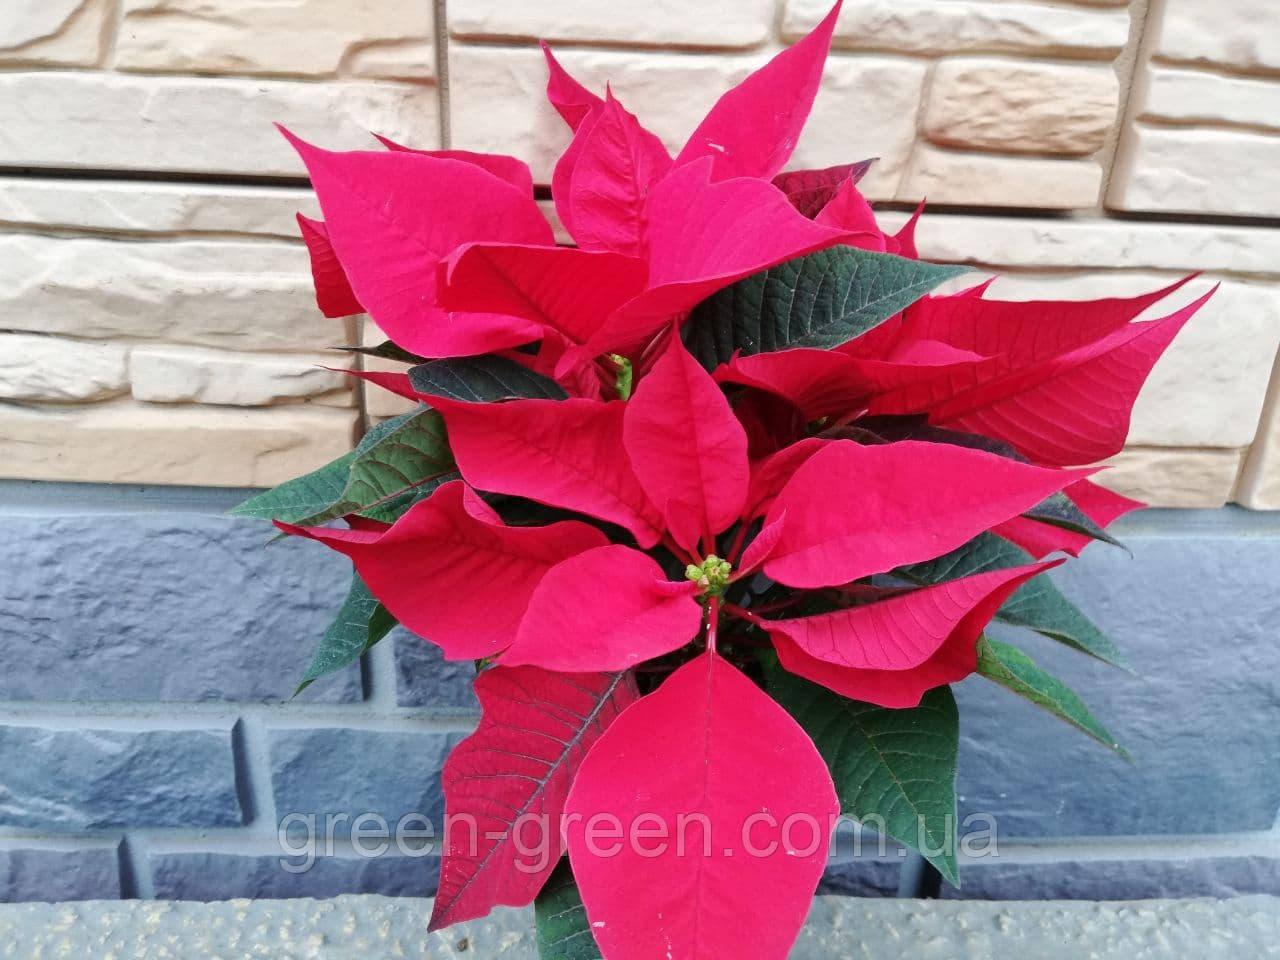 Пуансеттия красная (Рождественская звезда)